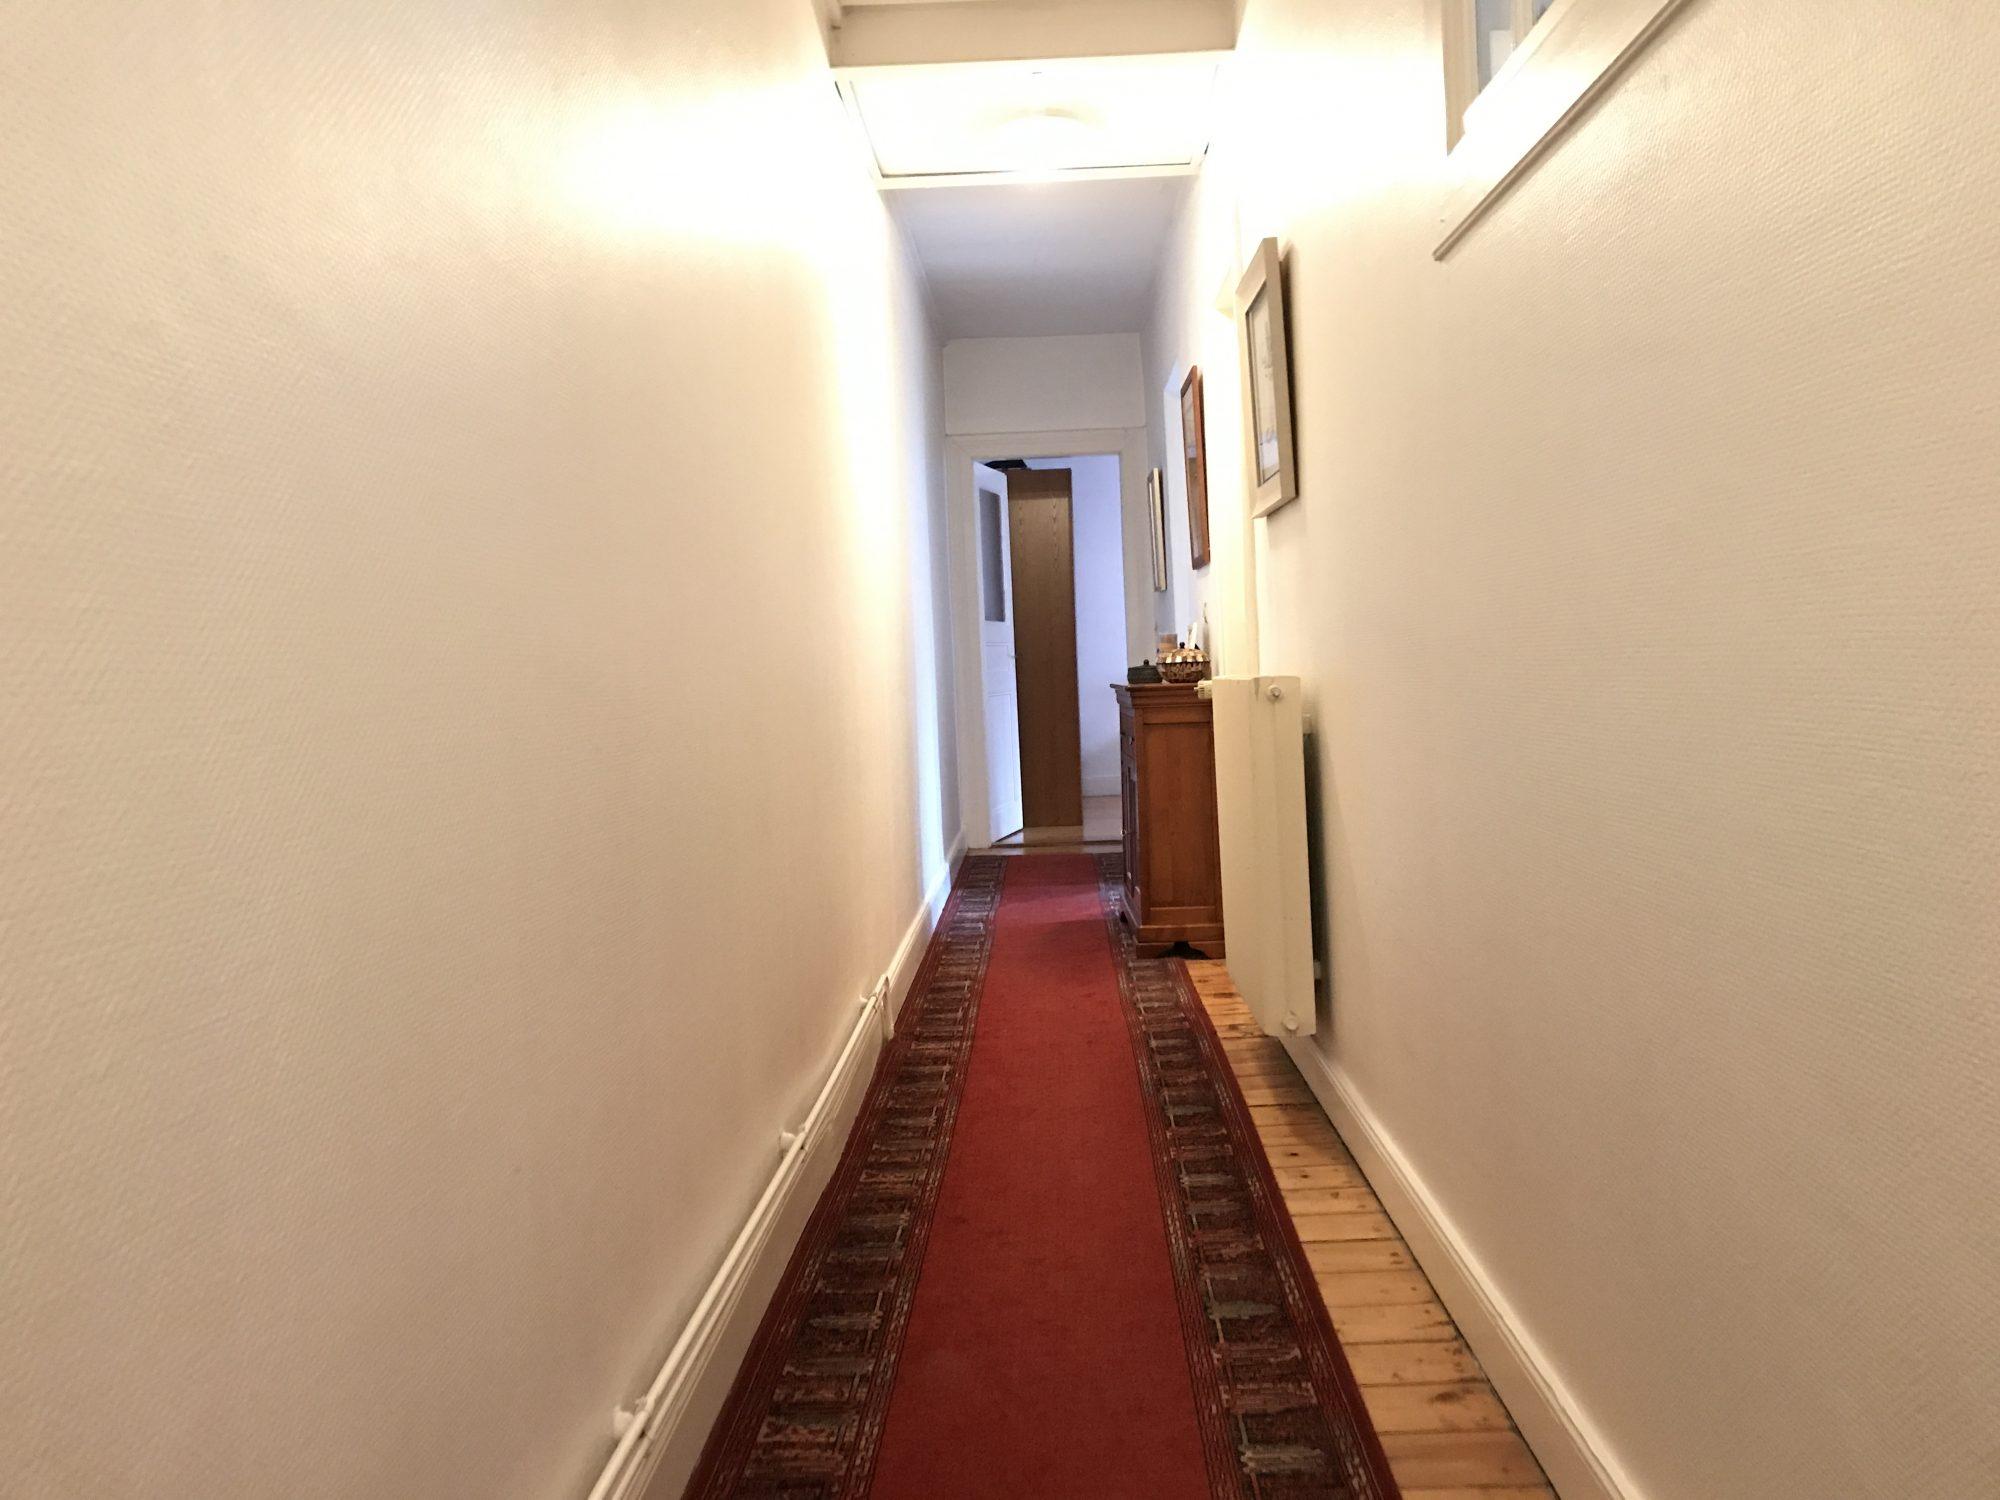 INVESTISSEMENT LOCATIF - Devenez propriétaire en toute confiance - Bintz Immobilier - 3